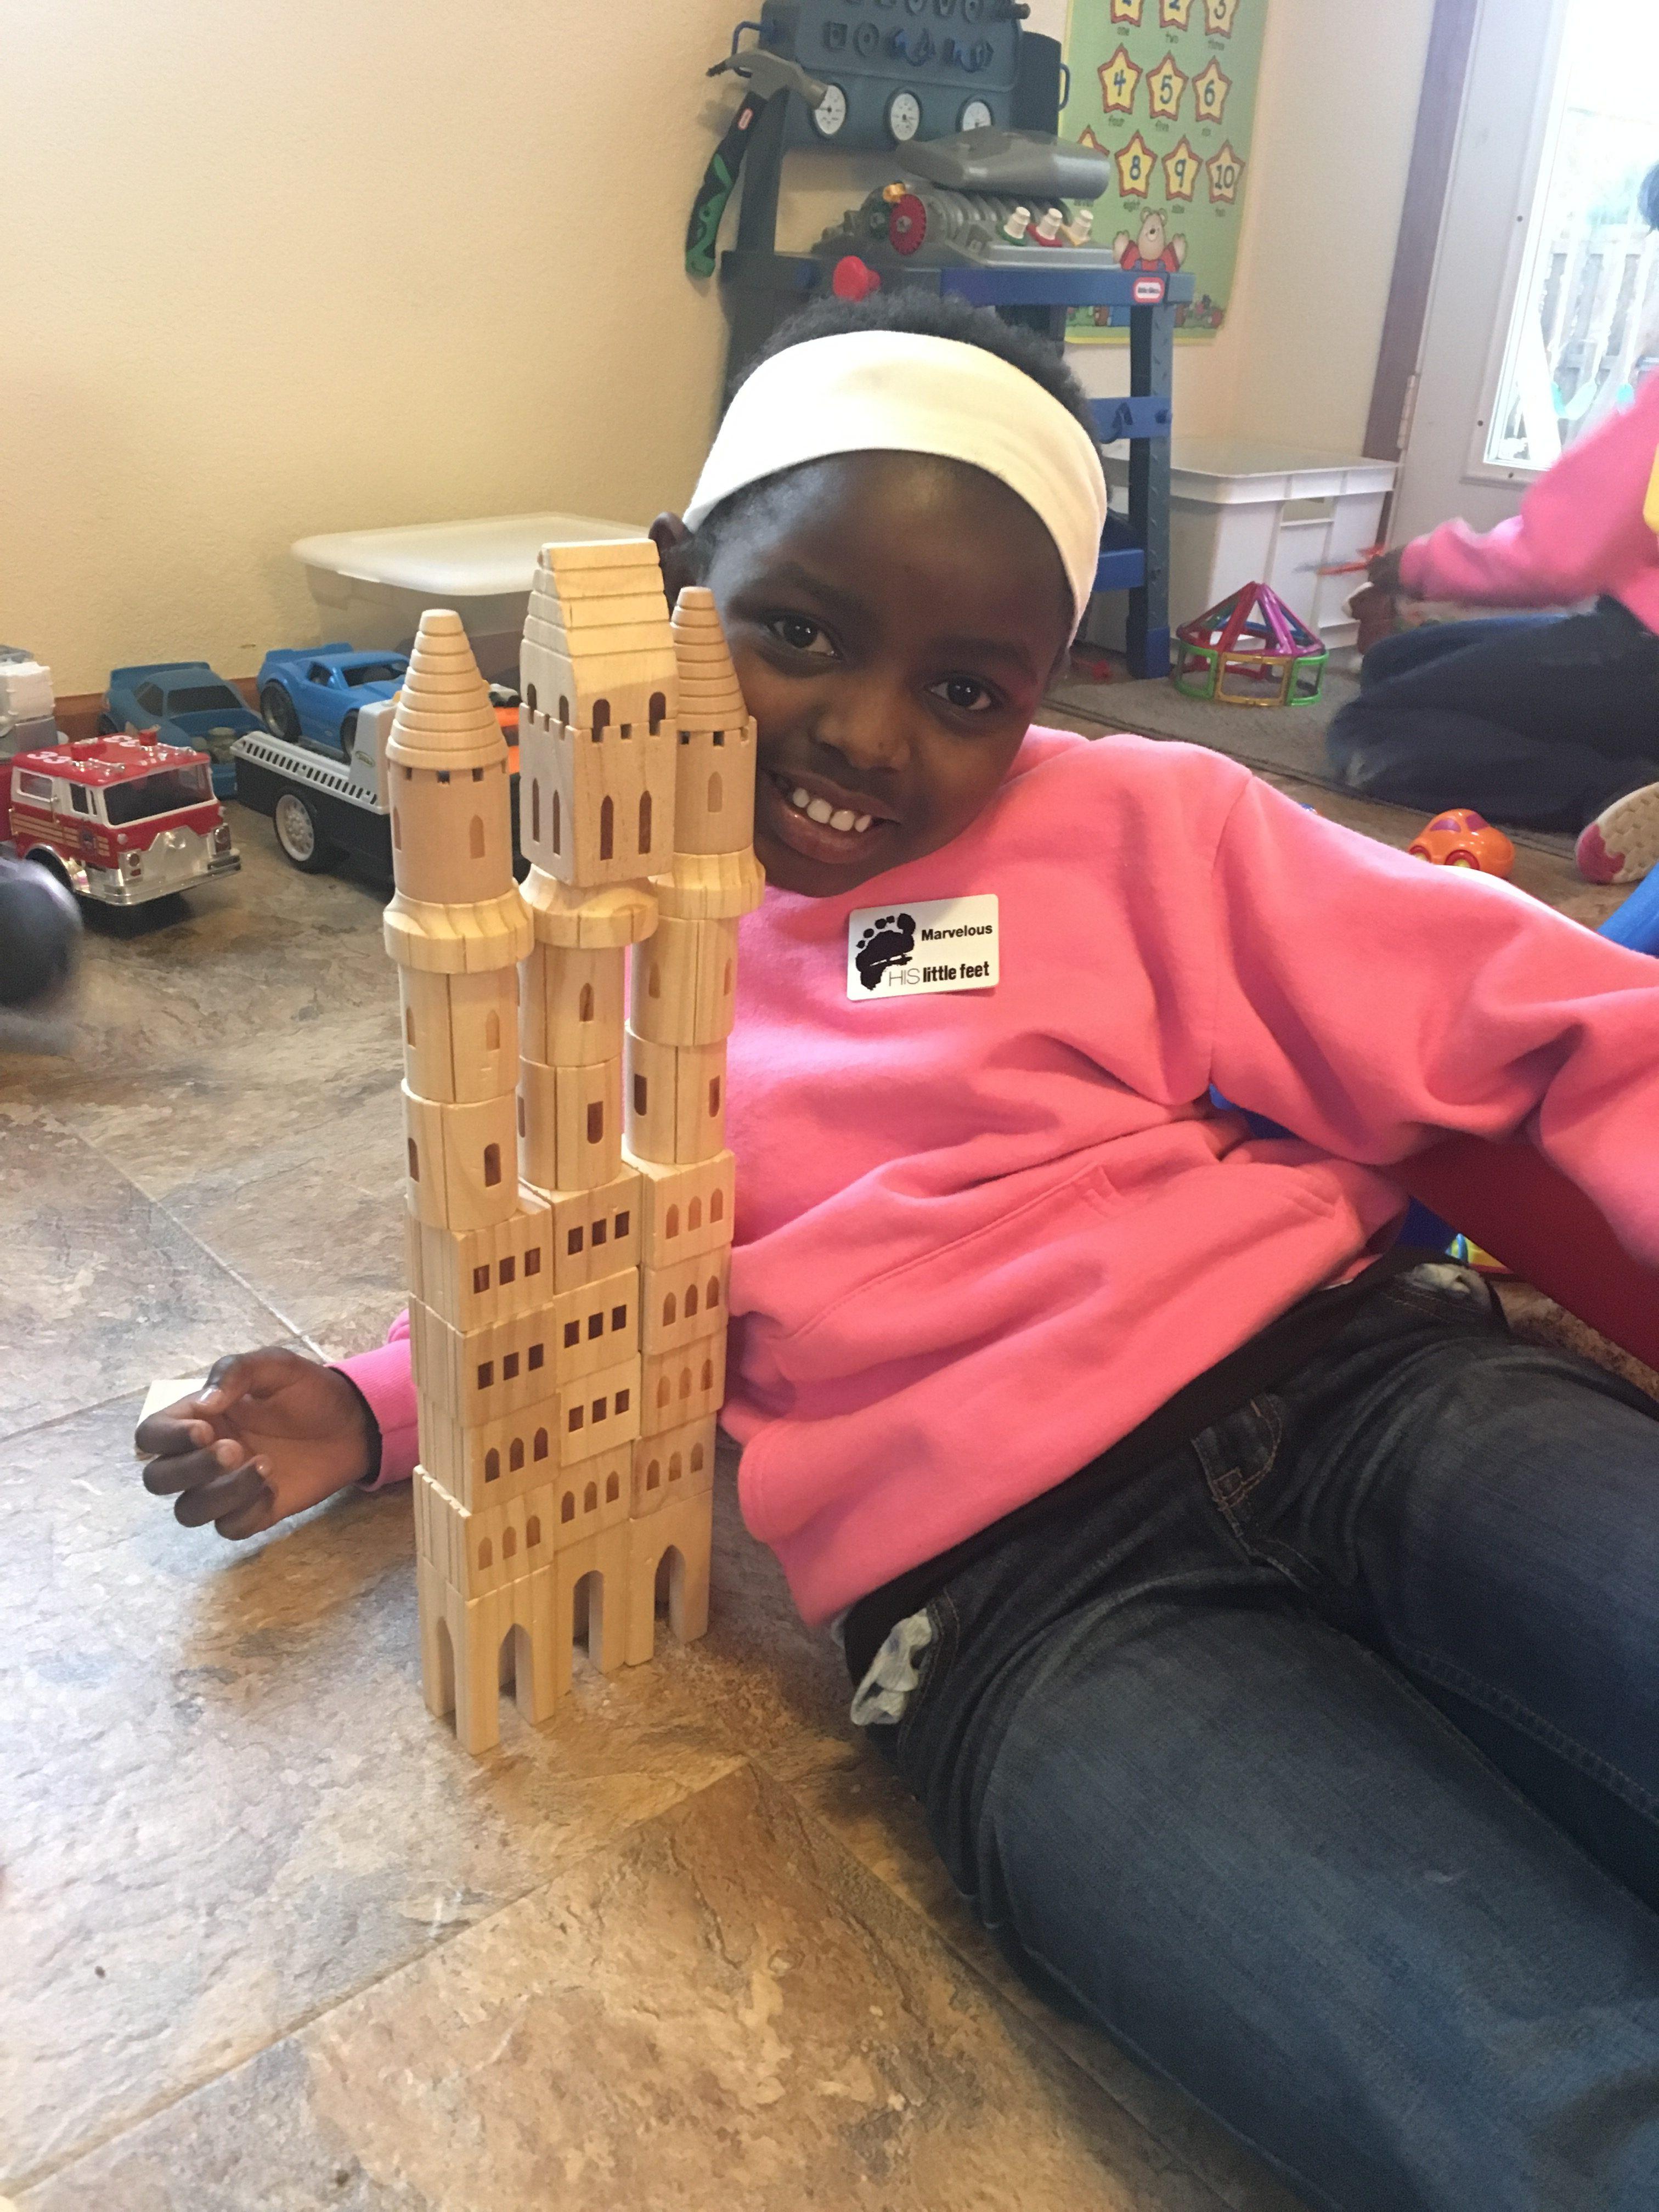 marvelous-built-a-castle-112017_31896882232_o